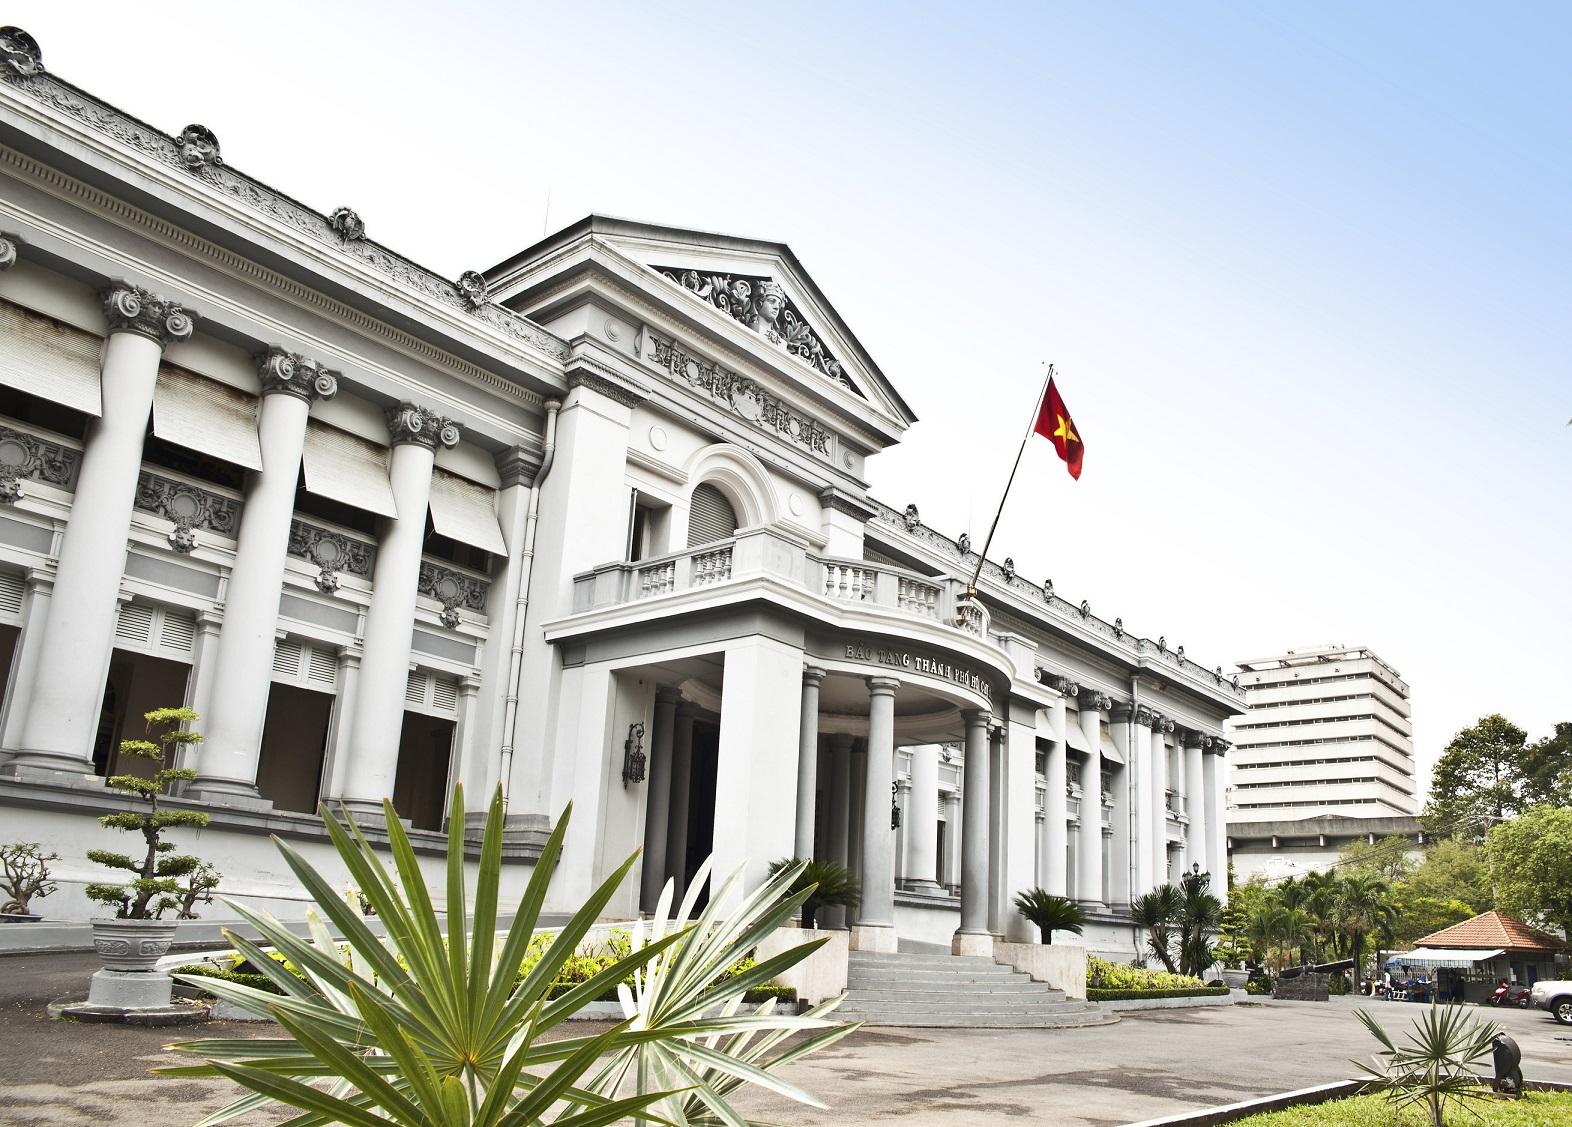 Những bảo tàng lịch sử nổi tiếng nhất ở Sài Gòn